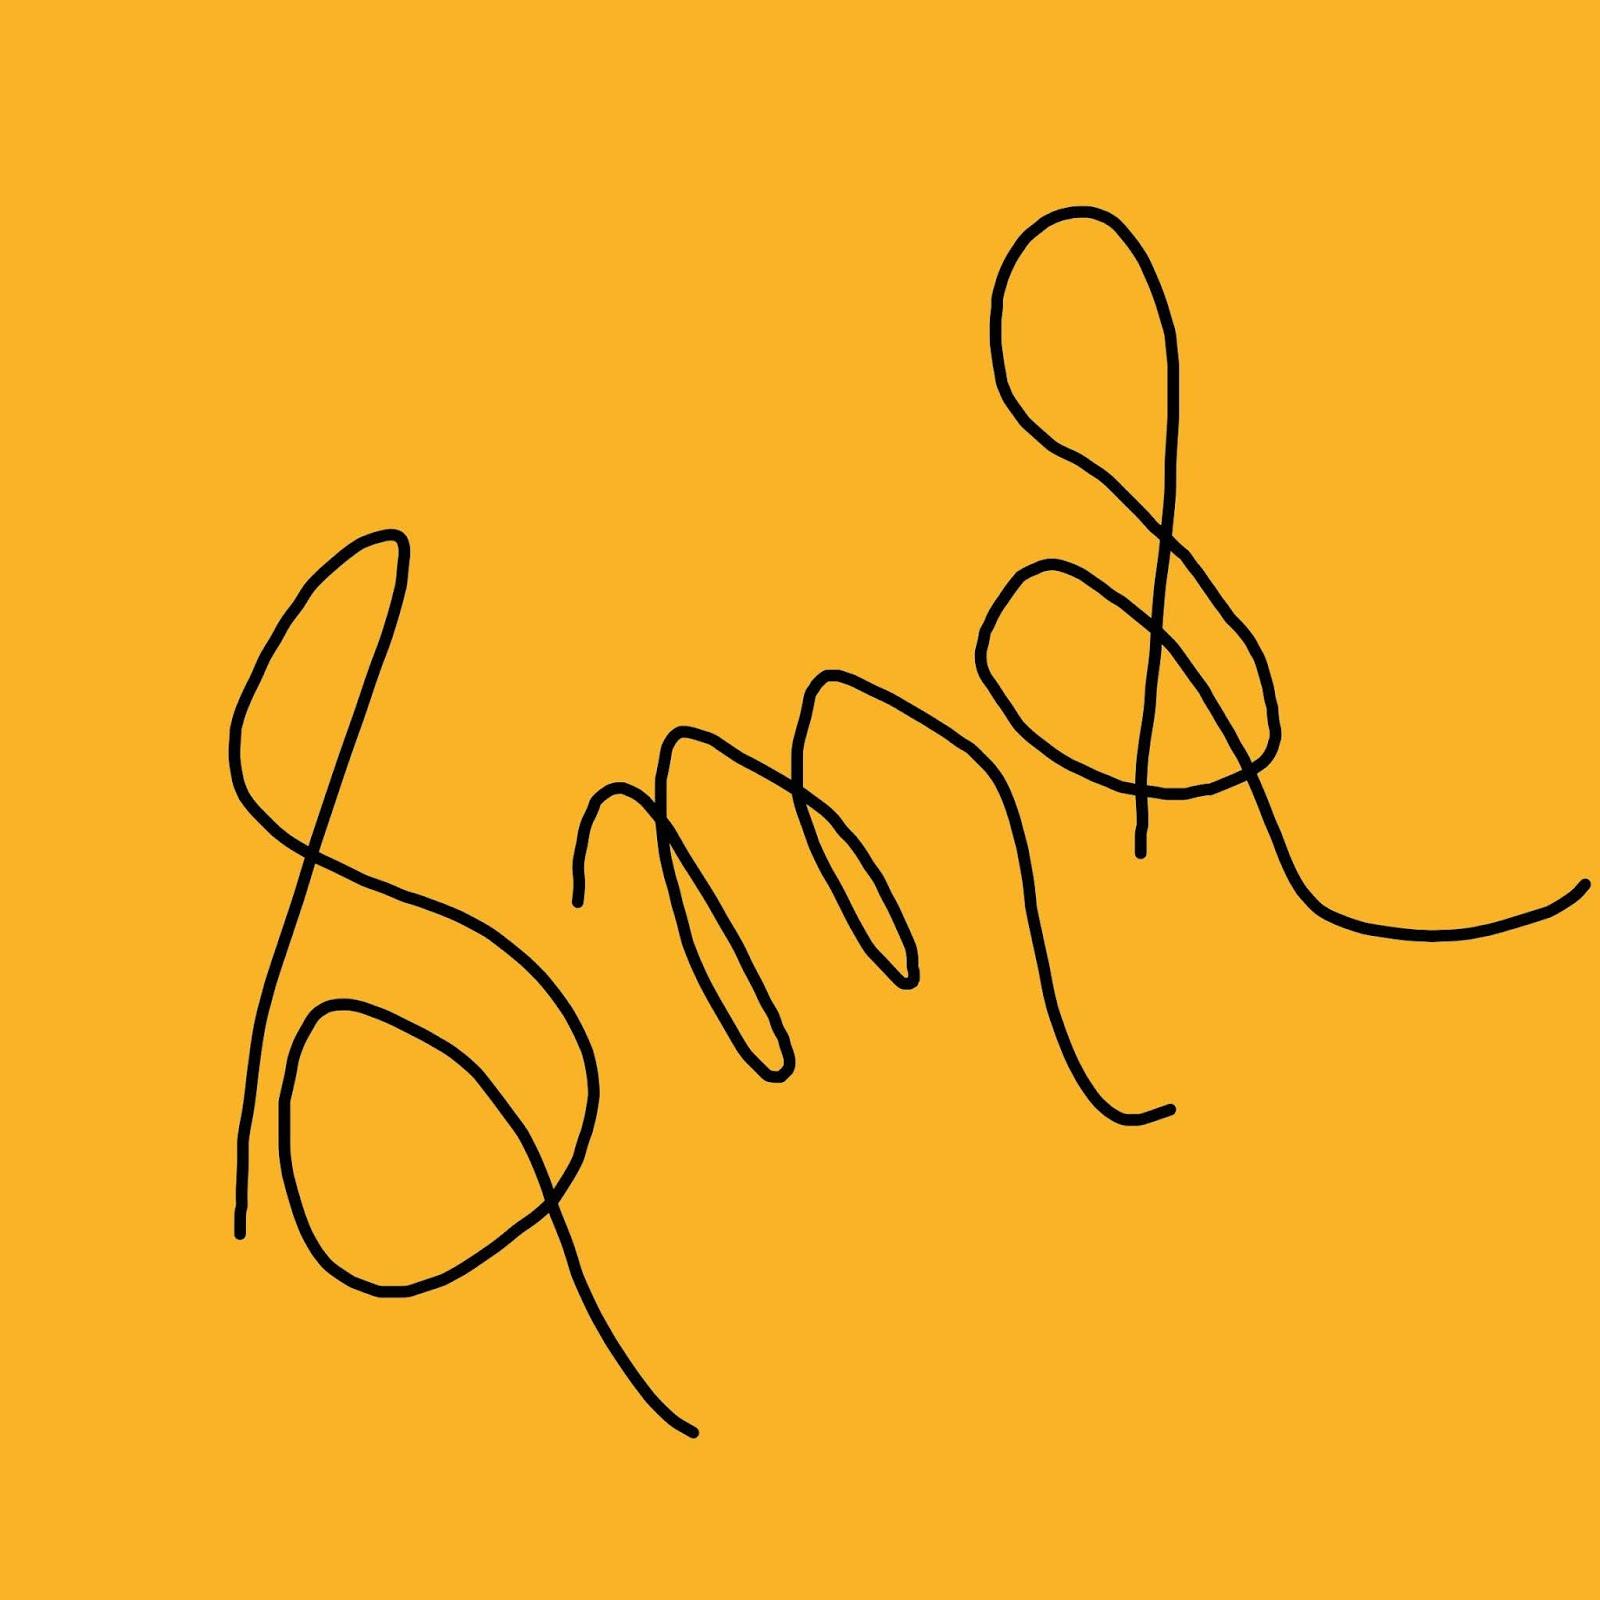 বাংলাতে আপনার বন্দুকে জন্মদিনের শুভেচ্ছা জানান  কিছু  এসএমএস এর  মাধ্যমে ।